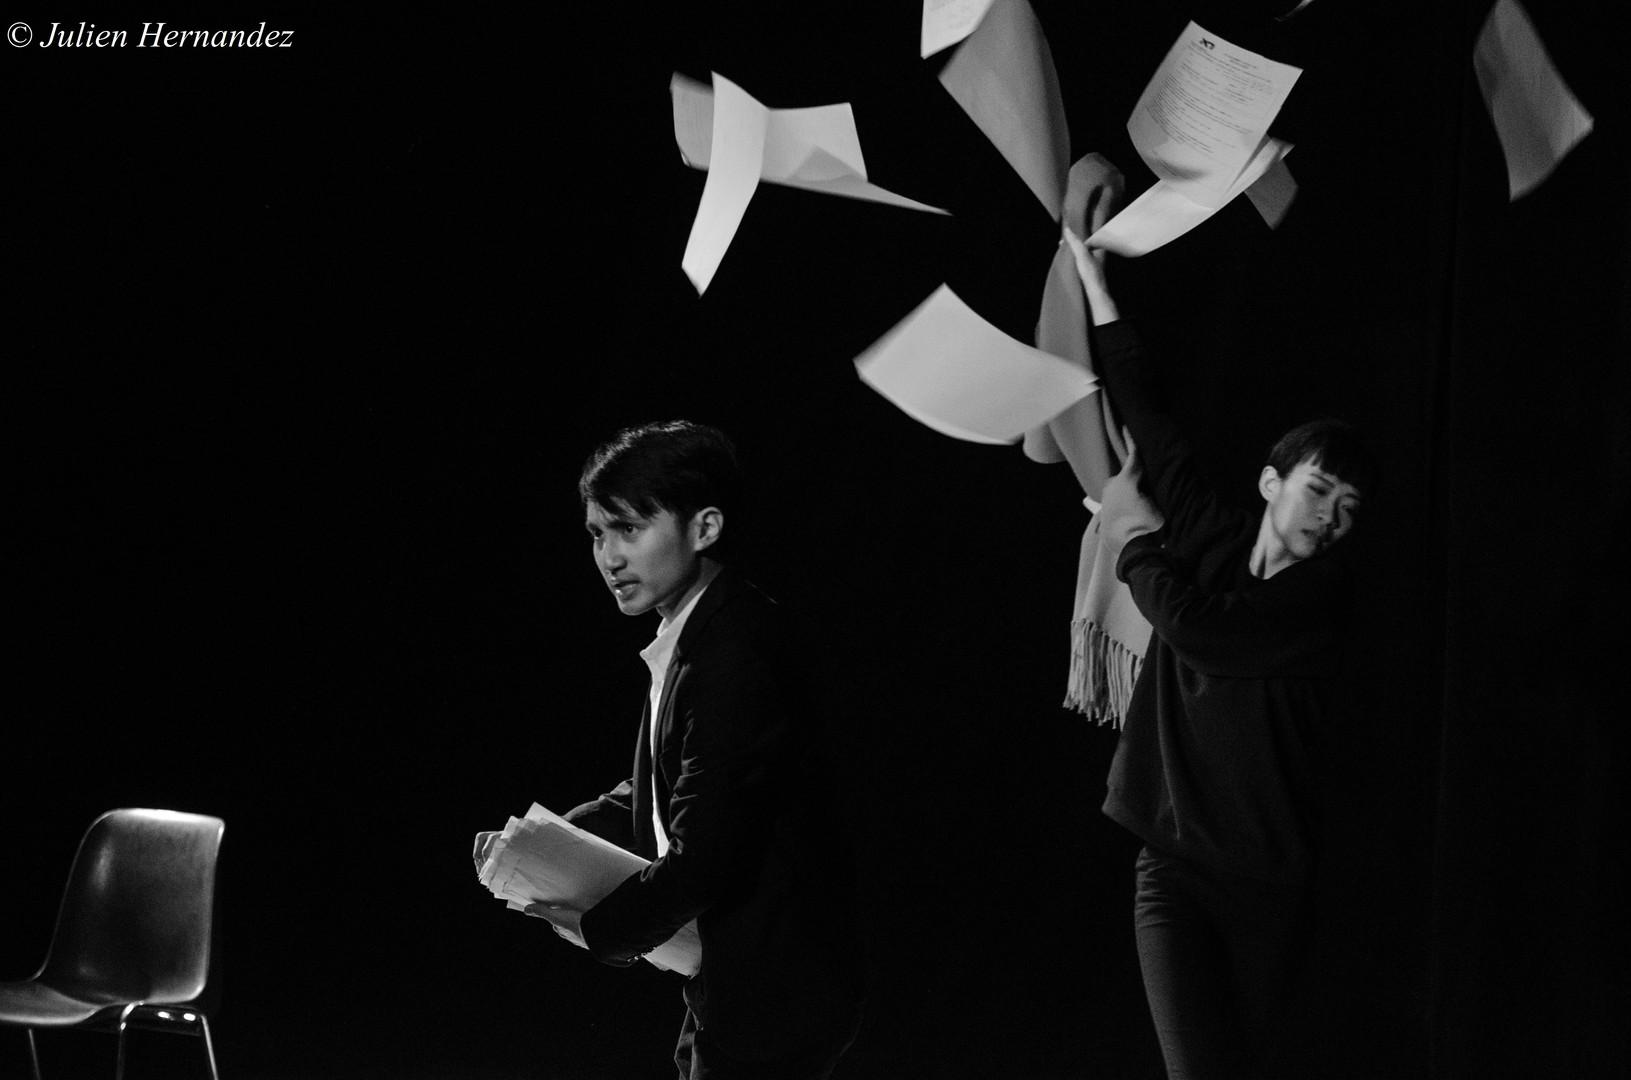 RITU - Beyond the distance - Julien Hern